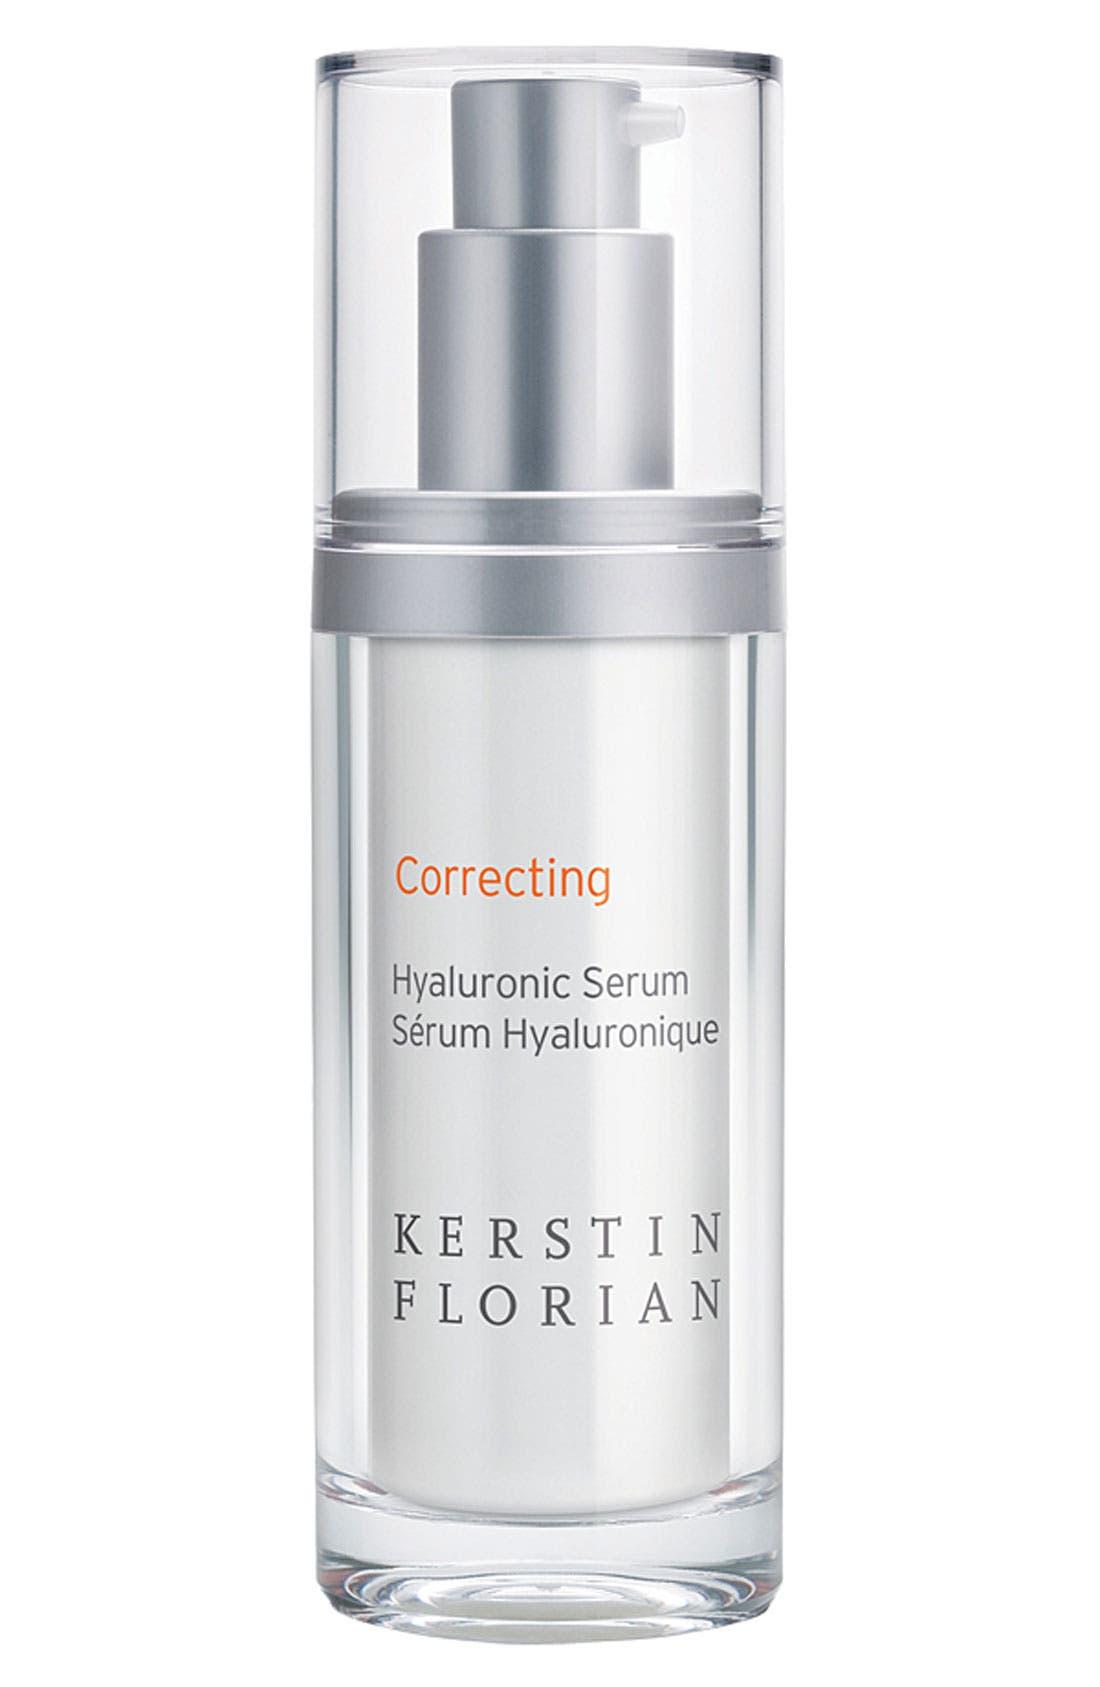 Kerstin Florian Correcting Hyaluronic Serum